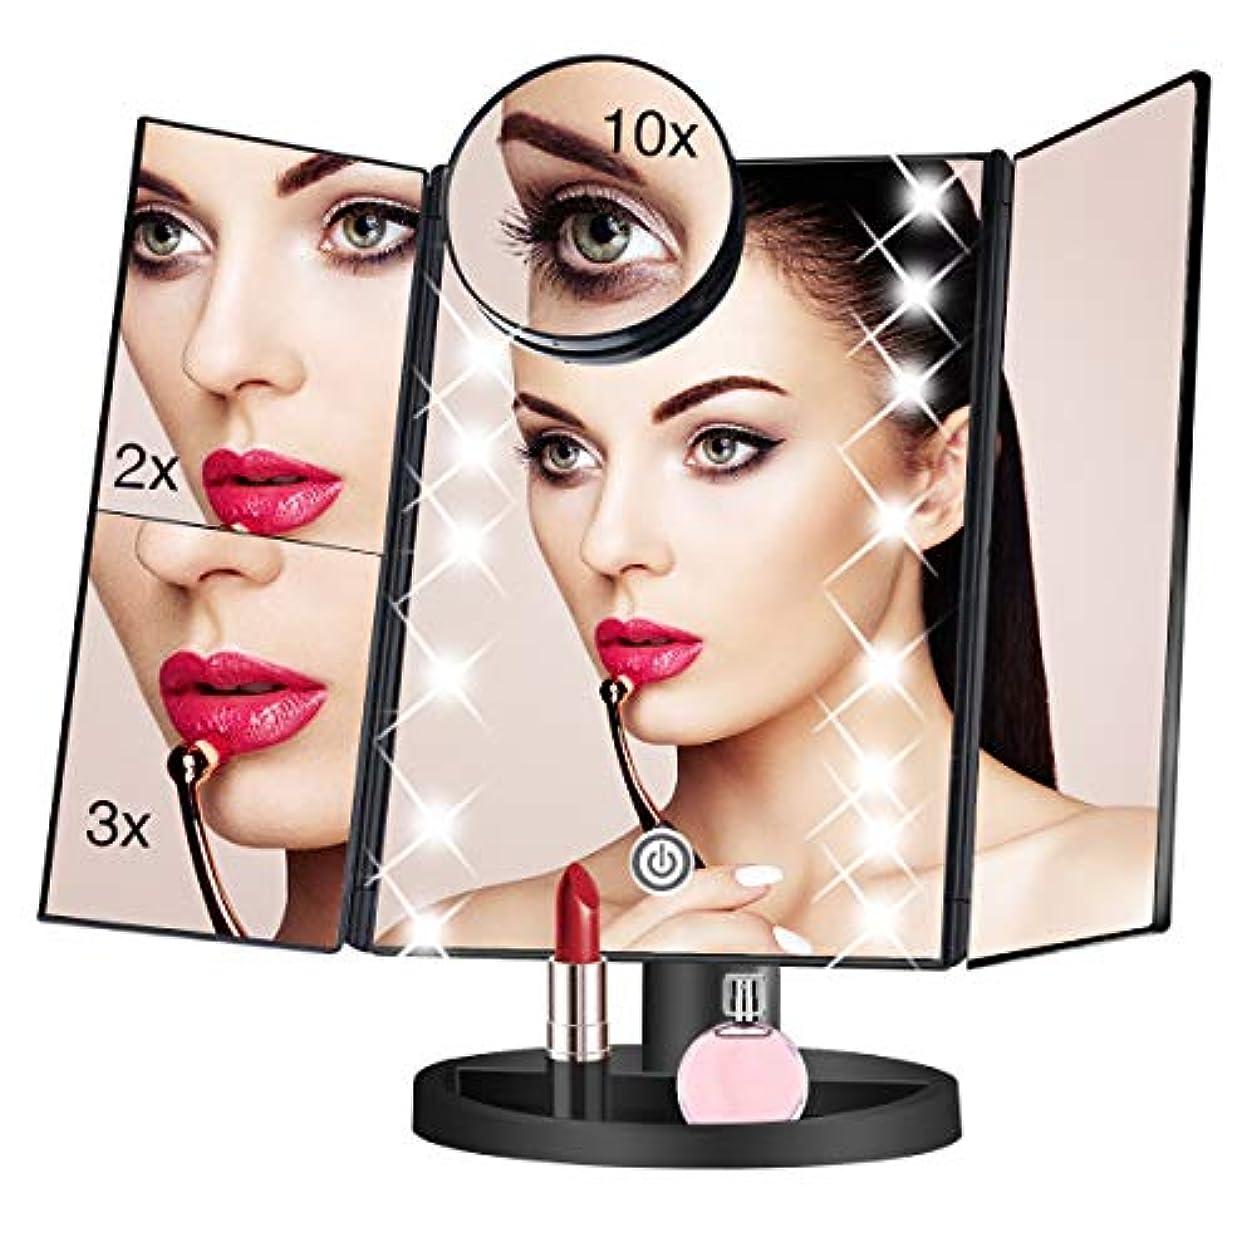 注釈を付ける驚破壊的な化粧鏡 三面鏡 鏡 卓上 LED付き 折りたたみ式 10倍拡大鏡付き 明るさ調節 180度回転 USB/単三電池給電 (化粧鏡)